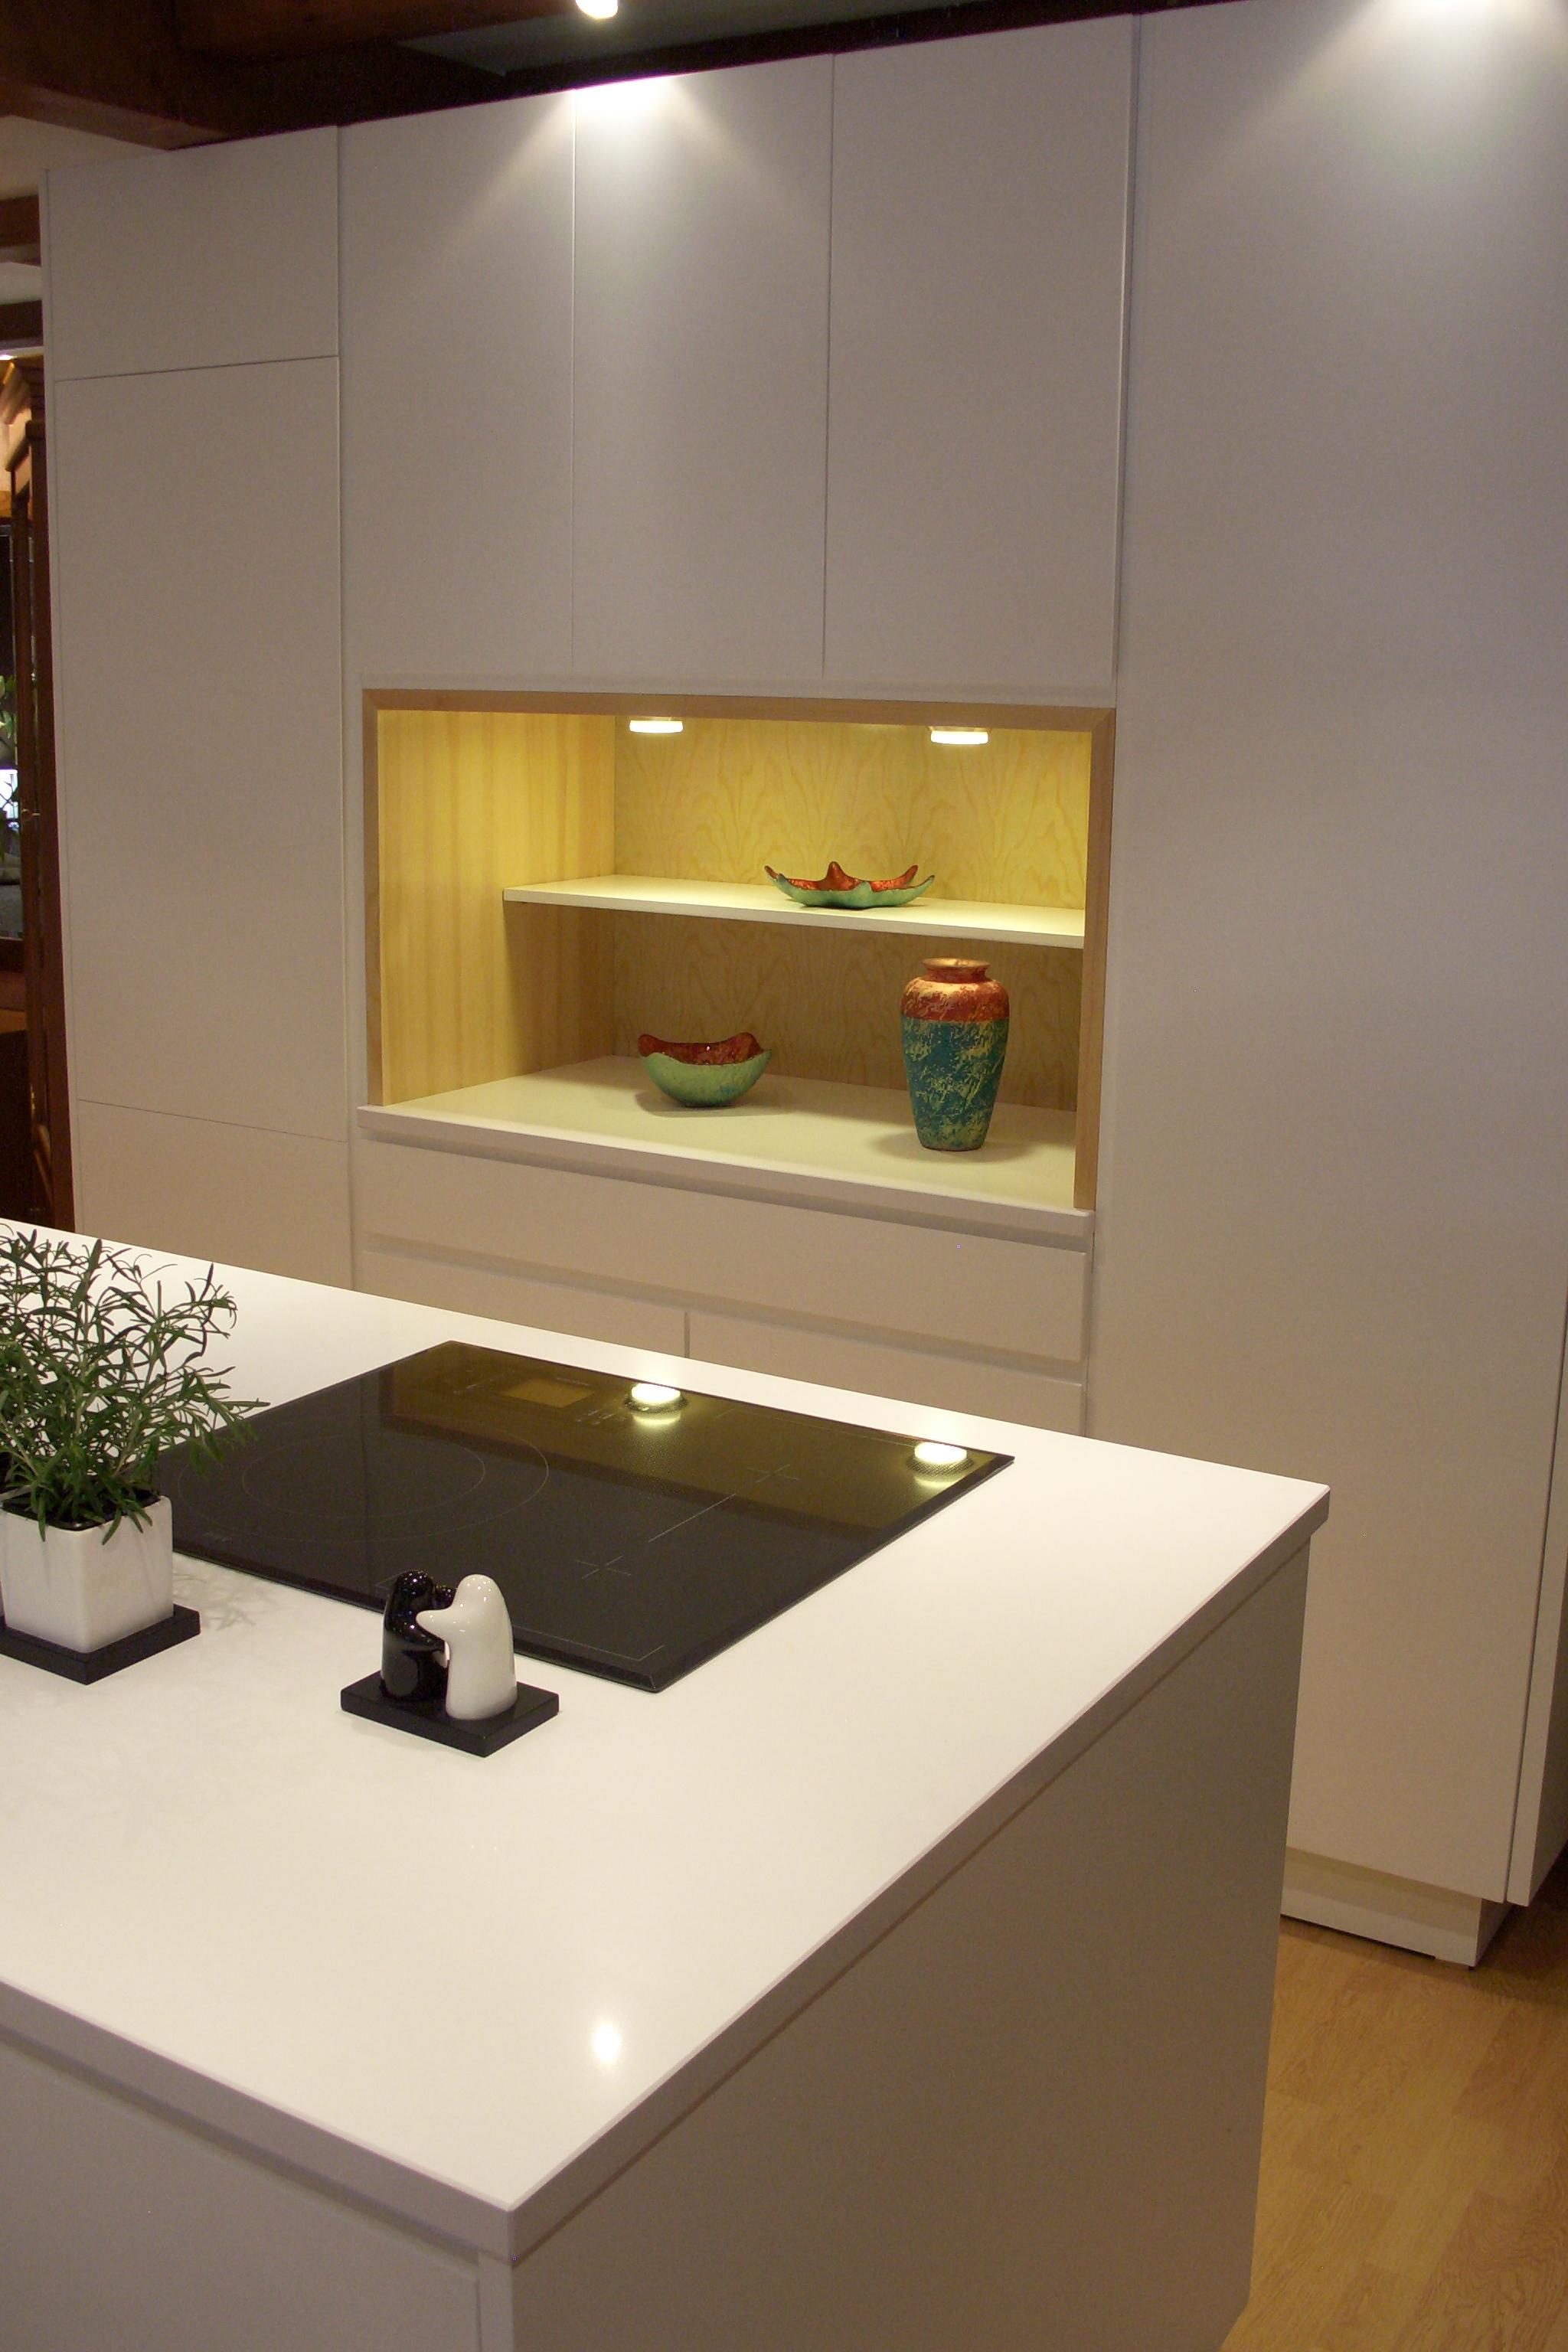 Cocina con electrodom sticos integrados f brica de for Cocina con electrodomesticos